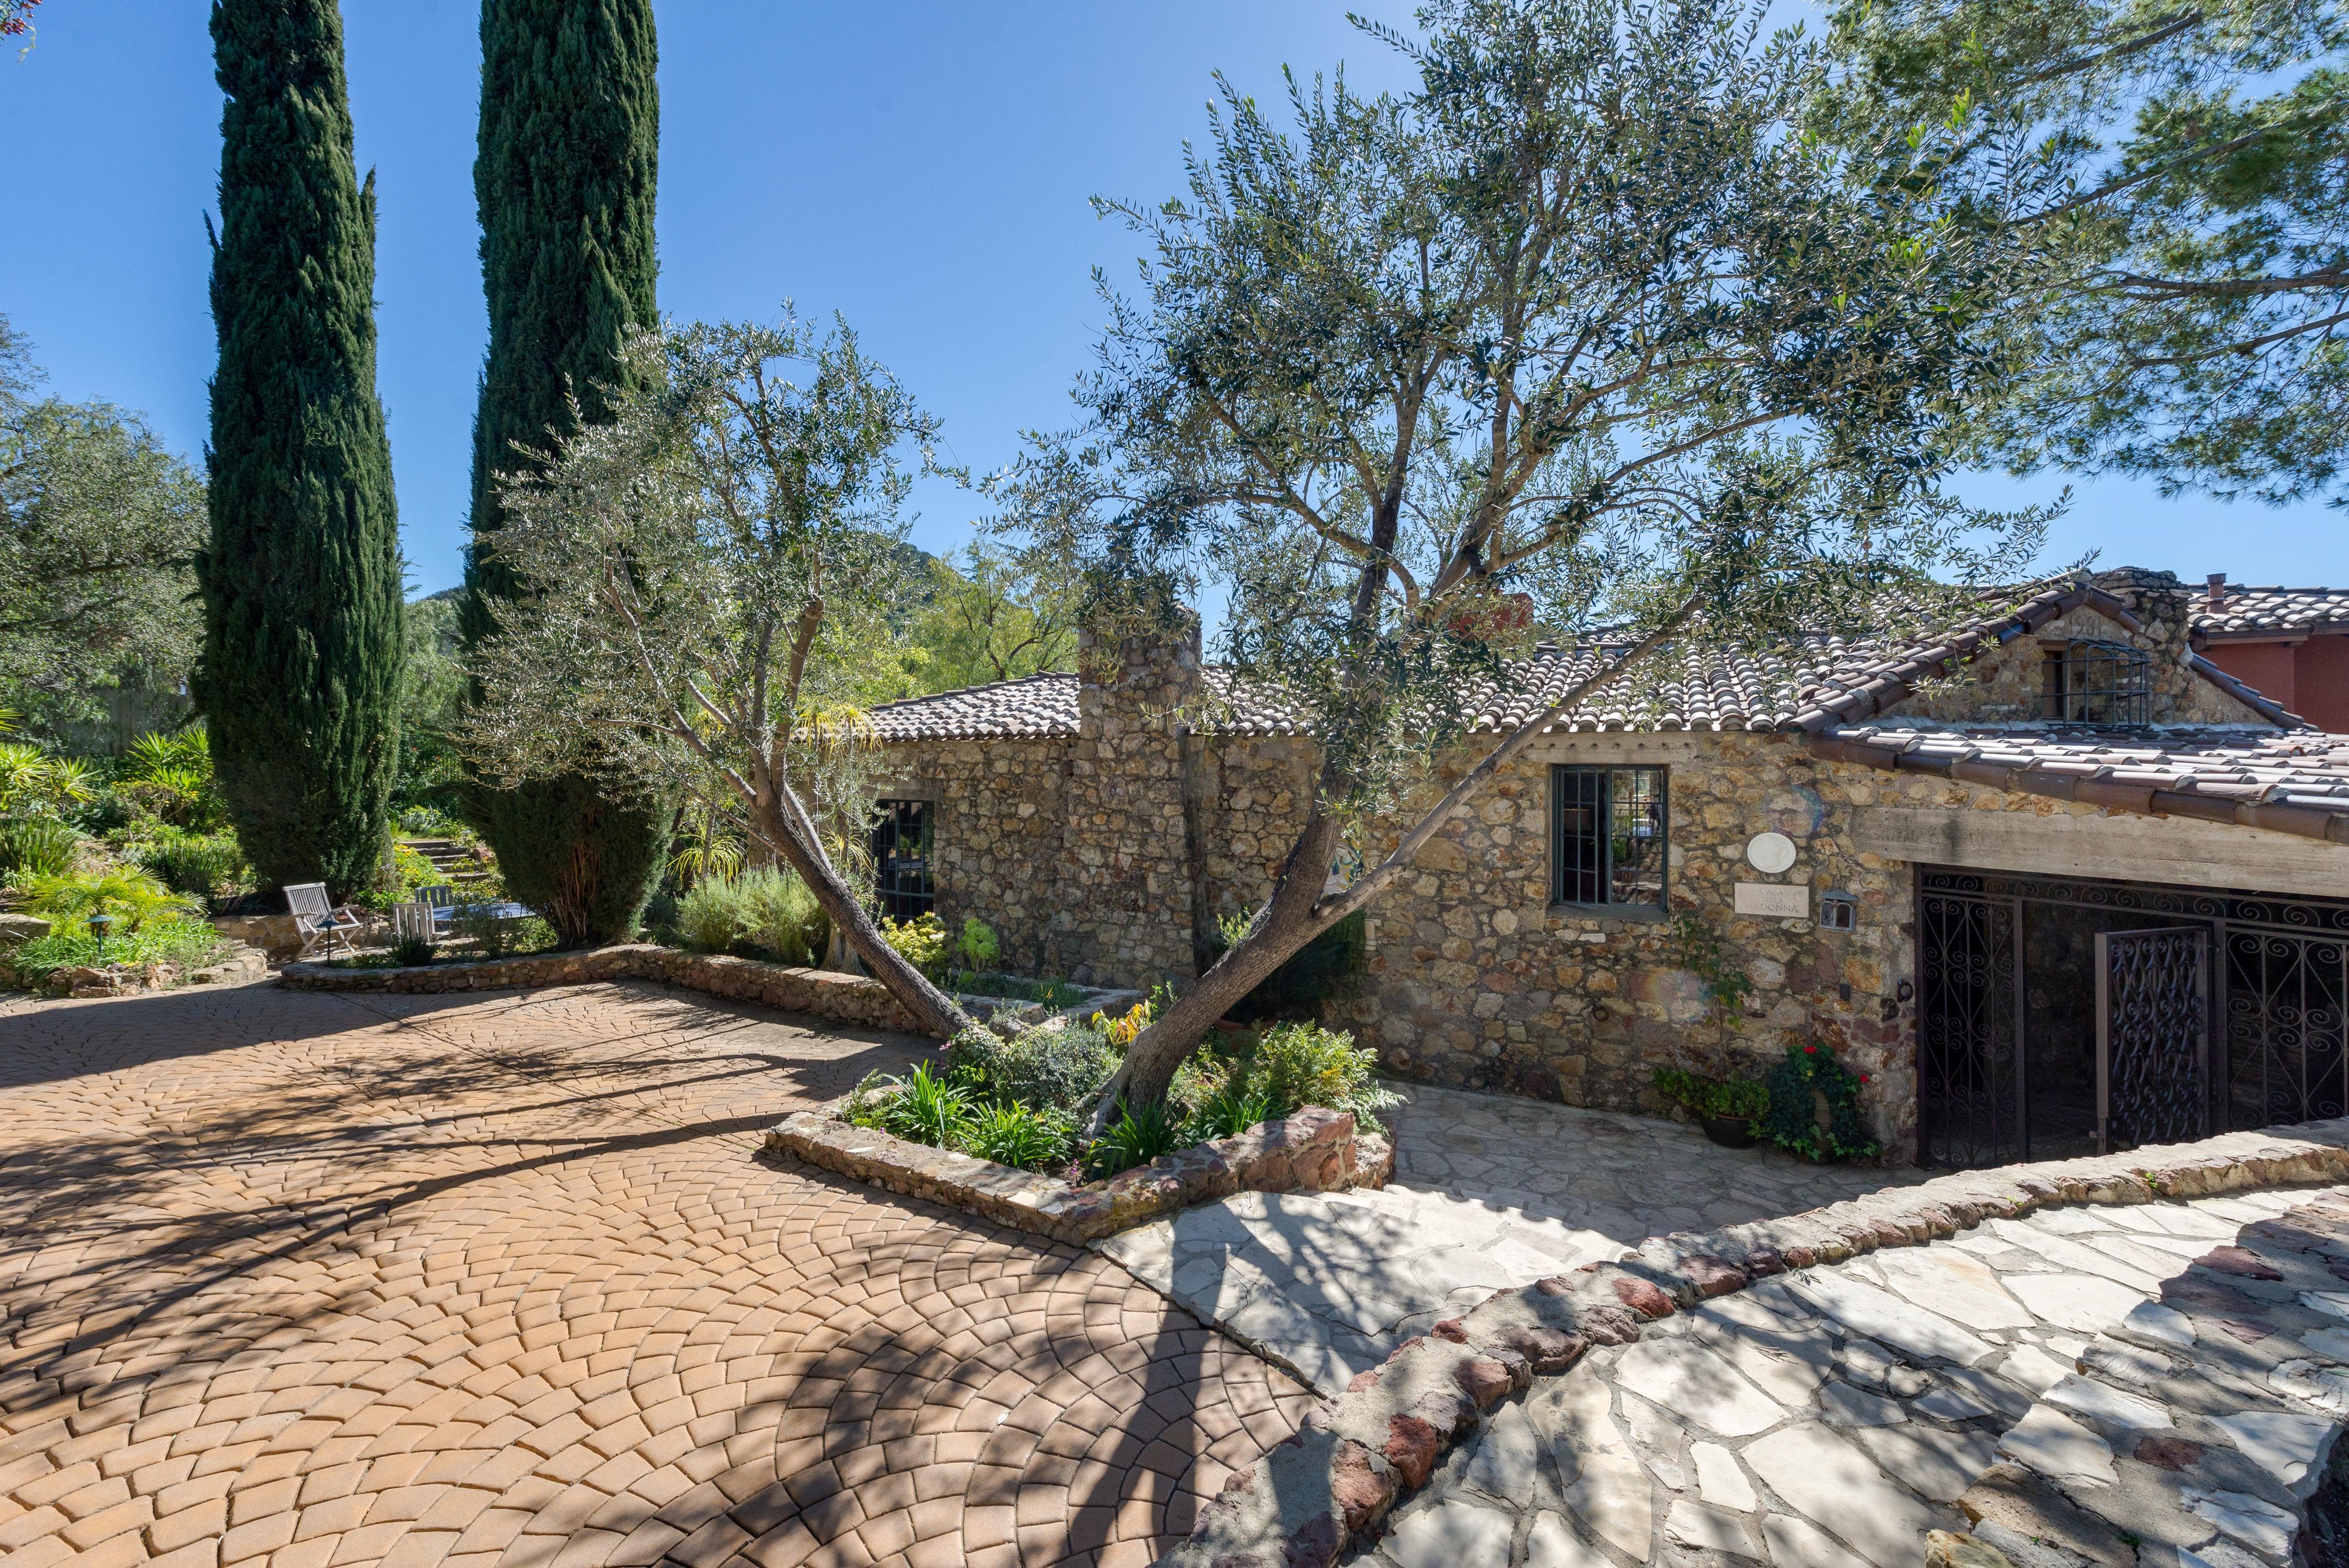 Дом Тома Петти в Калифорнии выставлен на продажу | галерея [1] фото [10]